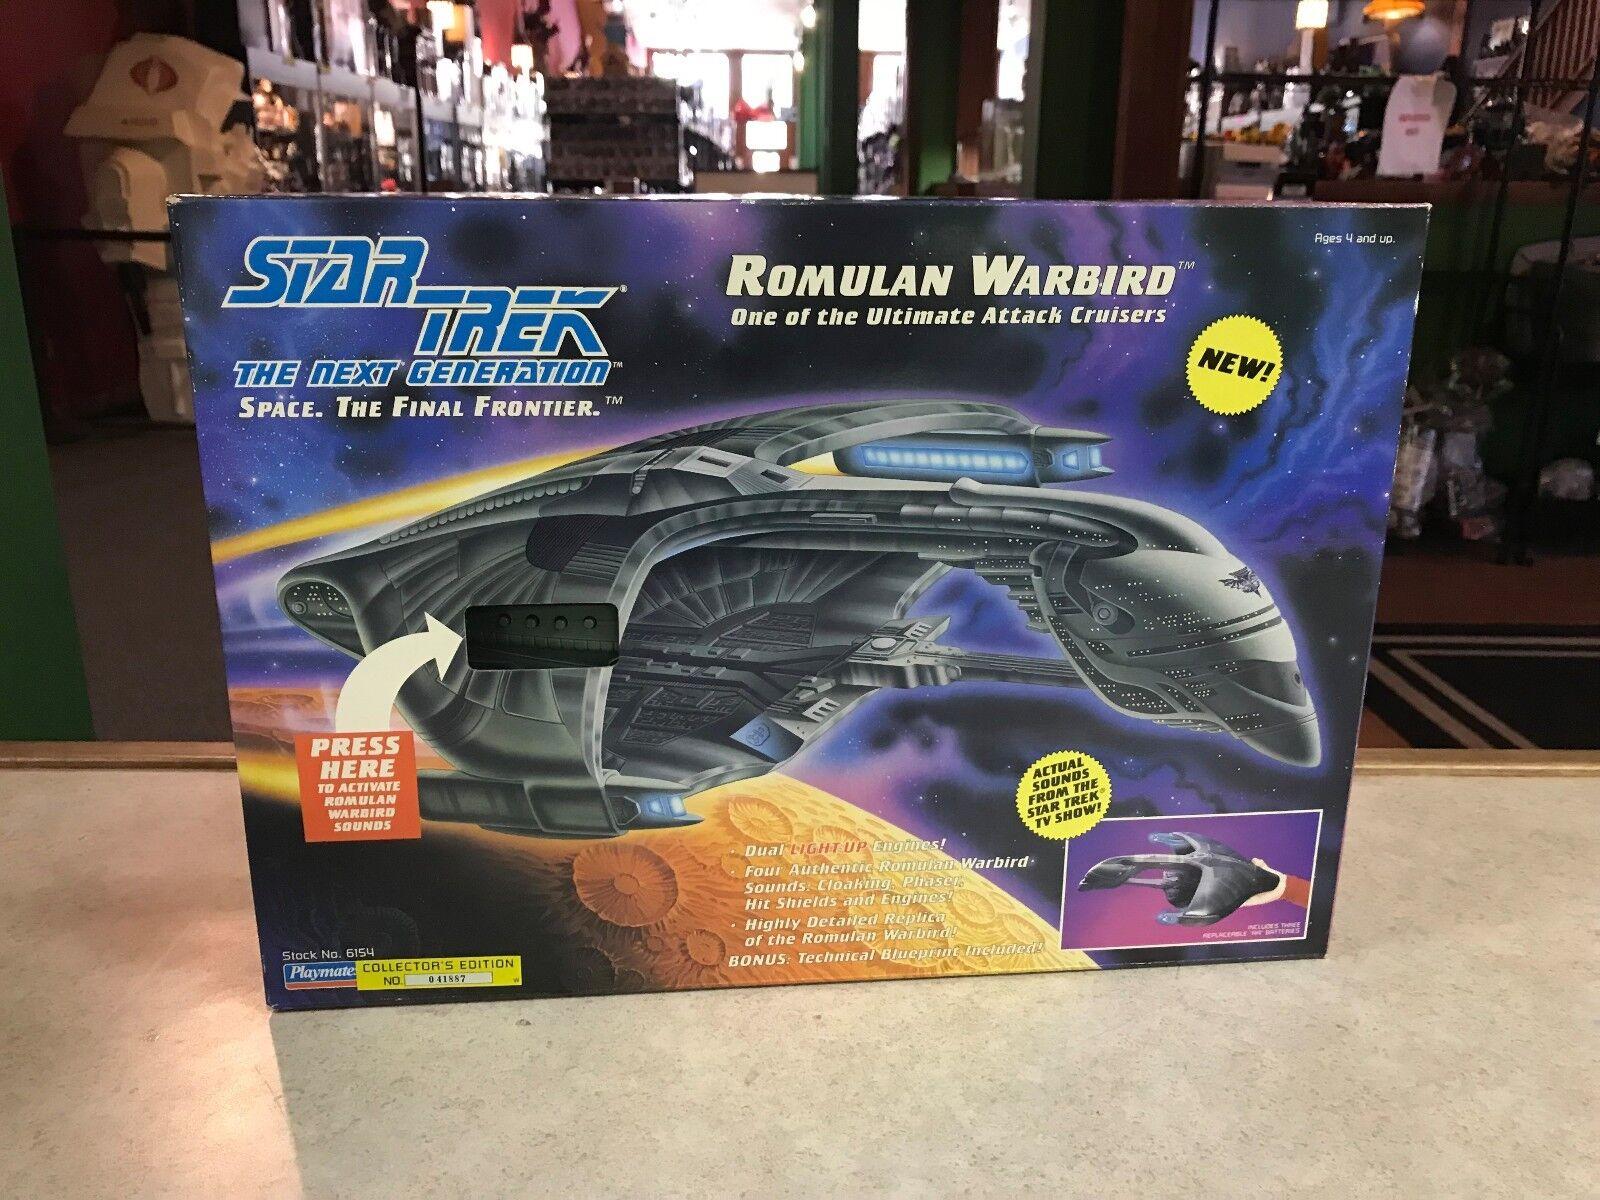 1993 spielkameraden, star trek, die nächste generation romulanischer warbird nib